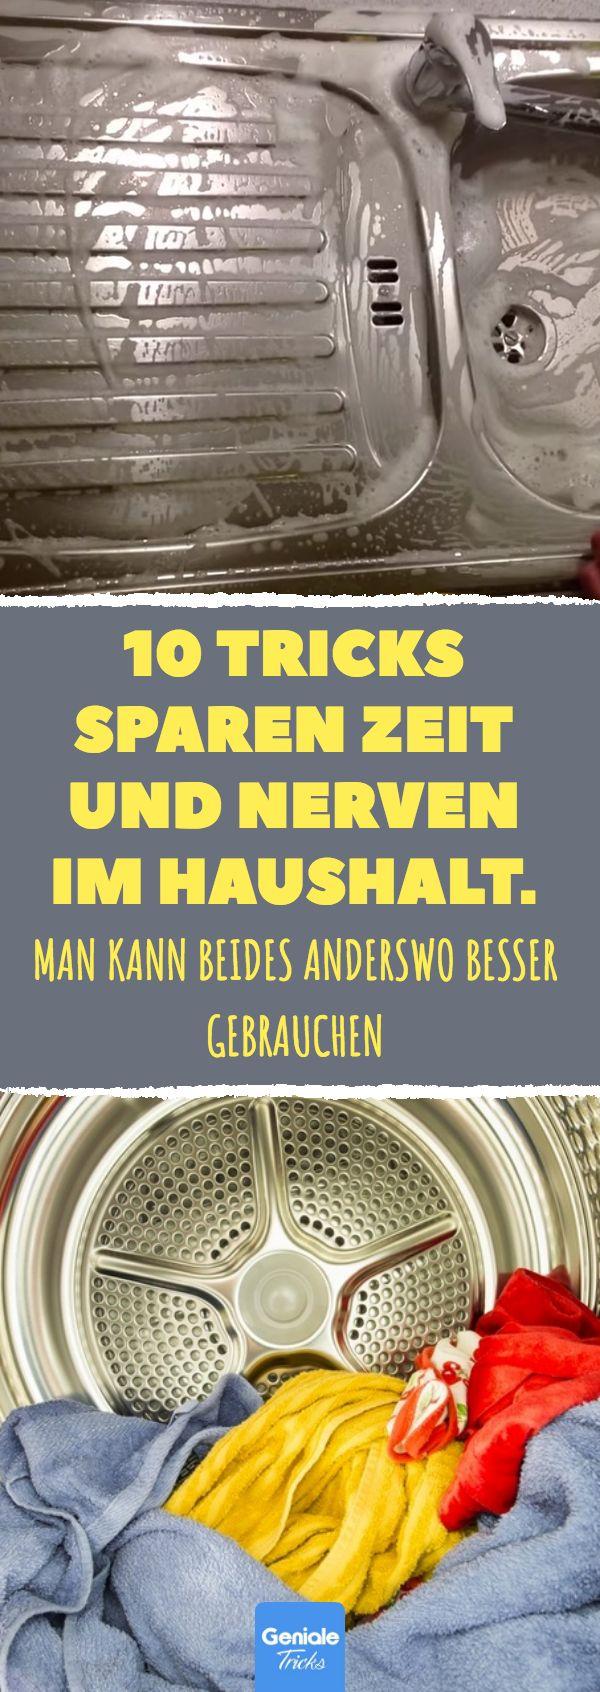 10 Tricks sparen Zeit und Nerven im Haushalt.